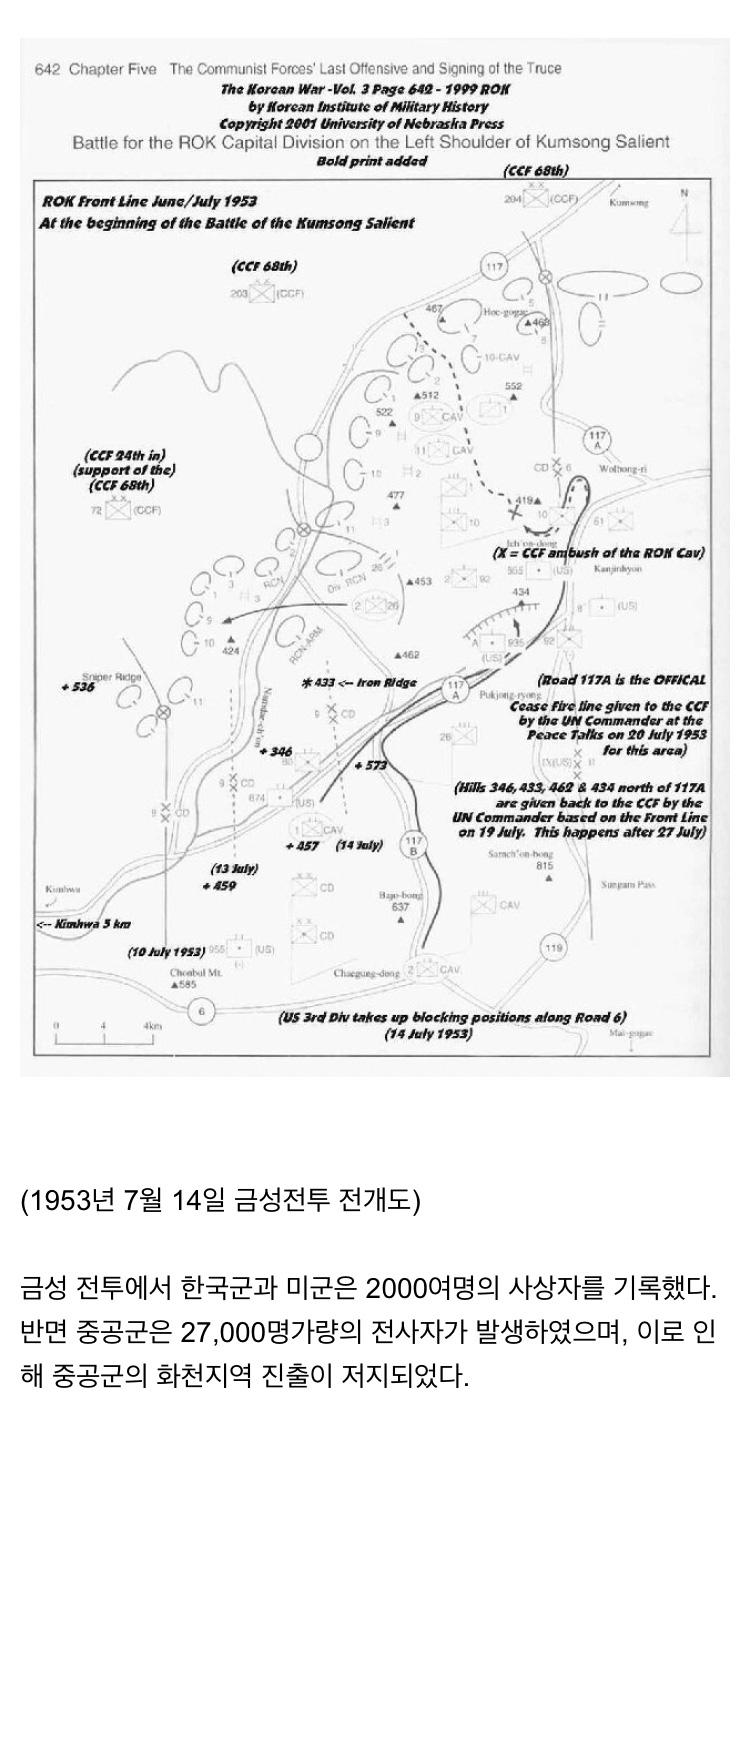 한국전쟁에 참전한 어느 미군의 수기